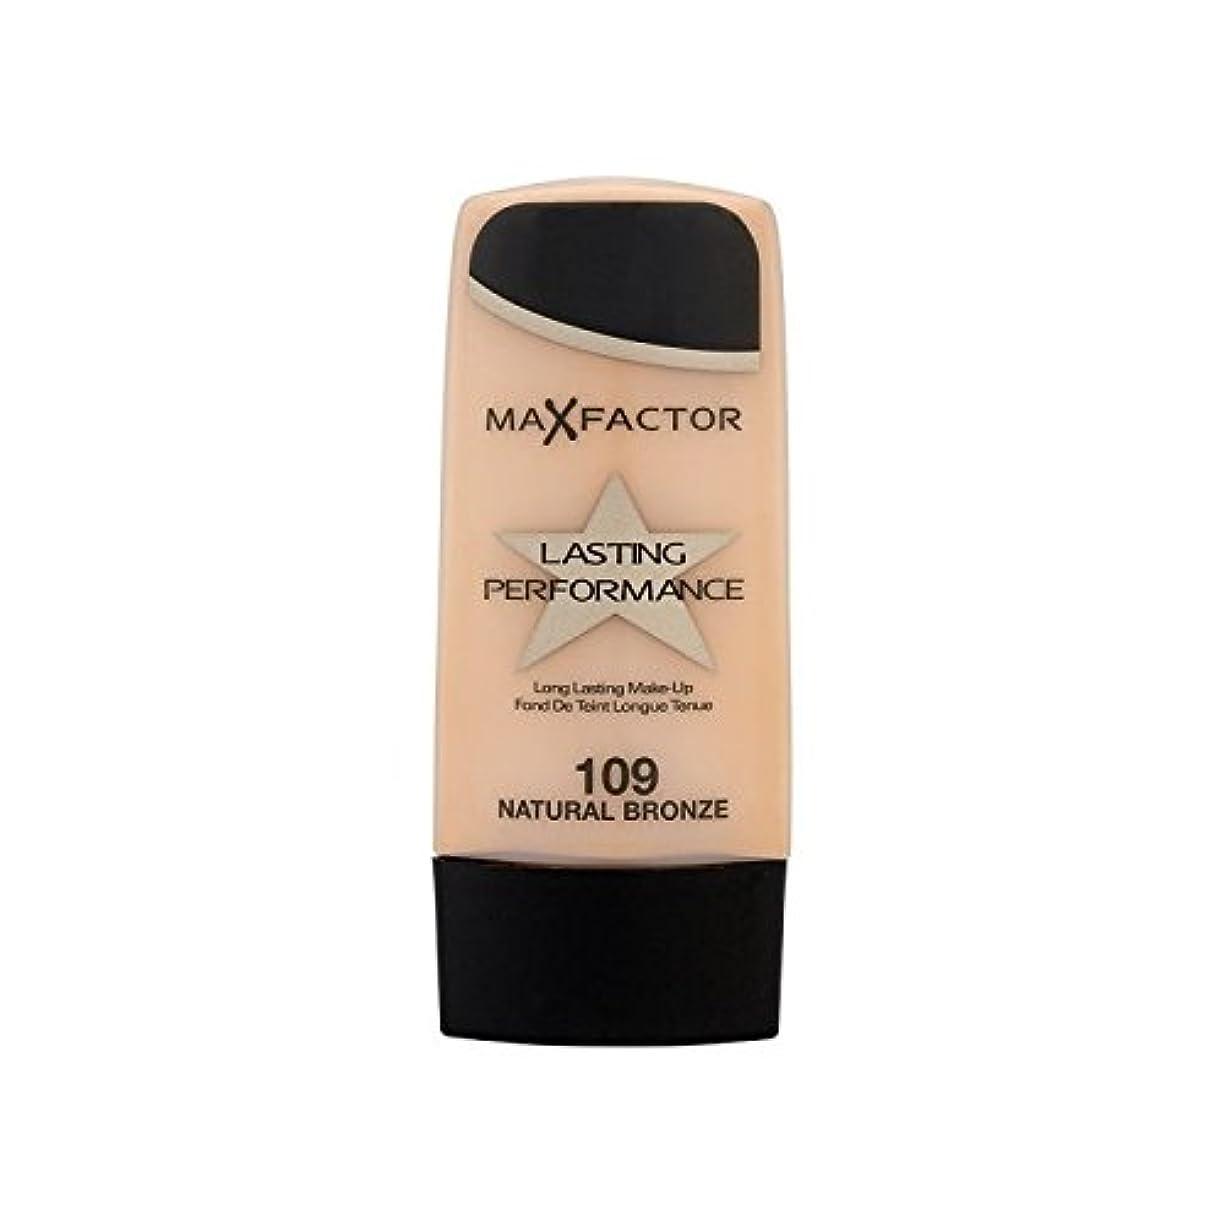 厚さ驚かすスパークパフォーマンスの基盤自然青銅を持続マックスファクター x2 - Max Factor Lasting Performance Foundation Natural Bronze (Pack of 2) [並行輸入品]